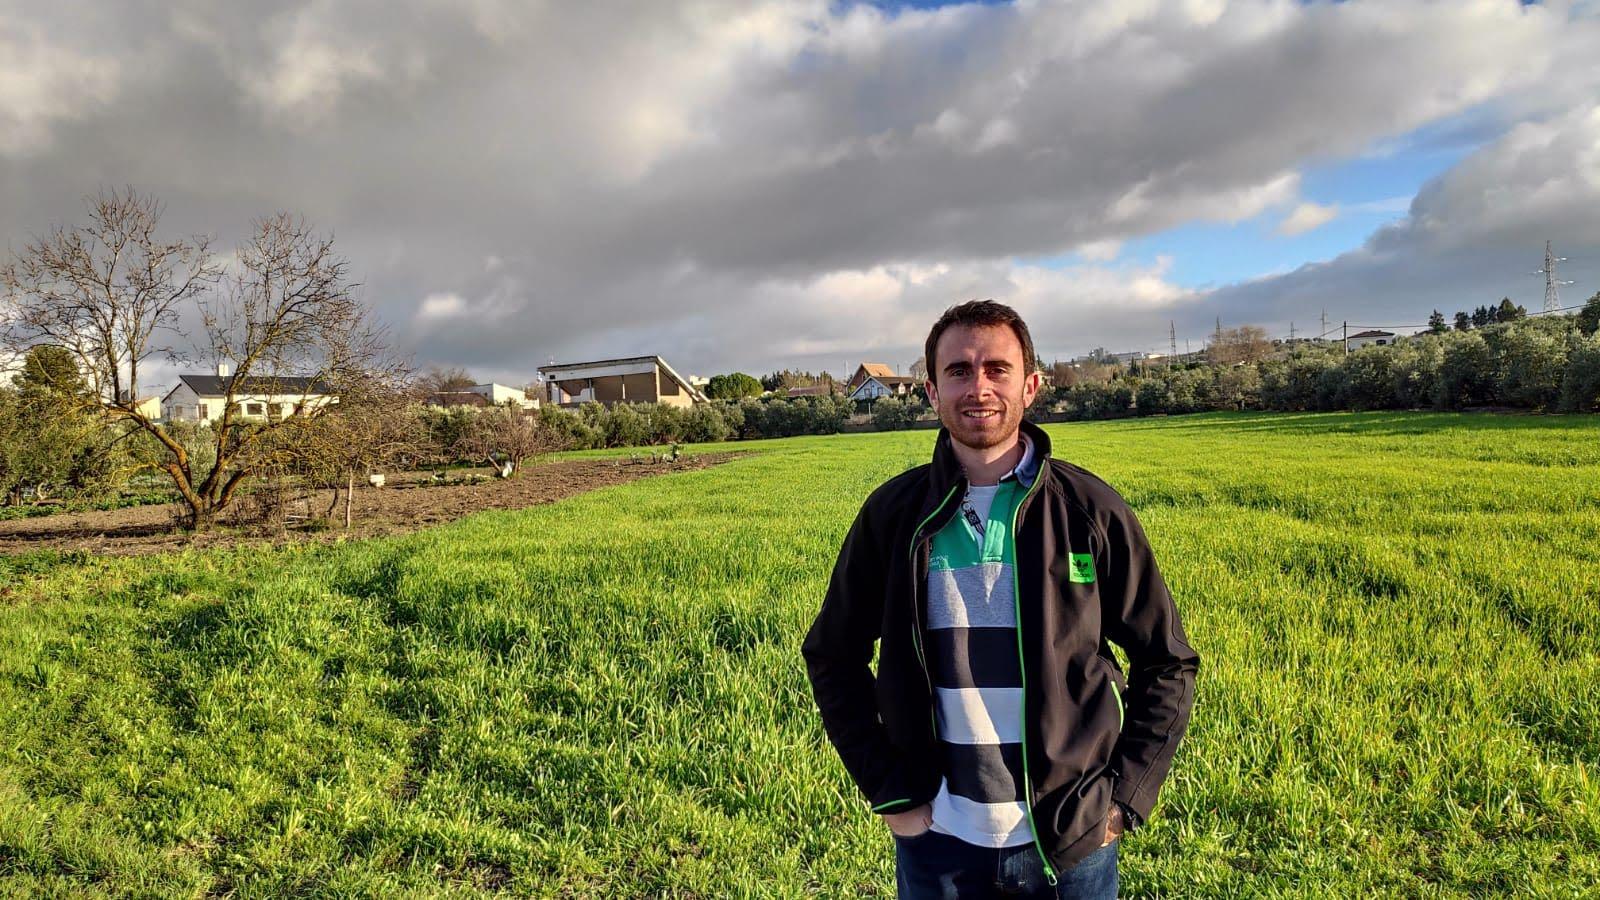 Entrevista a un joven agricultor - Antonio Conde